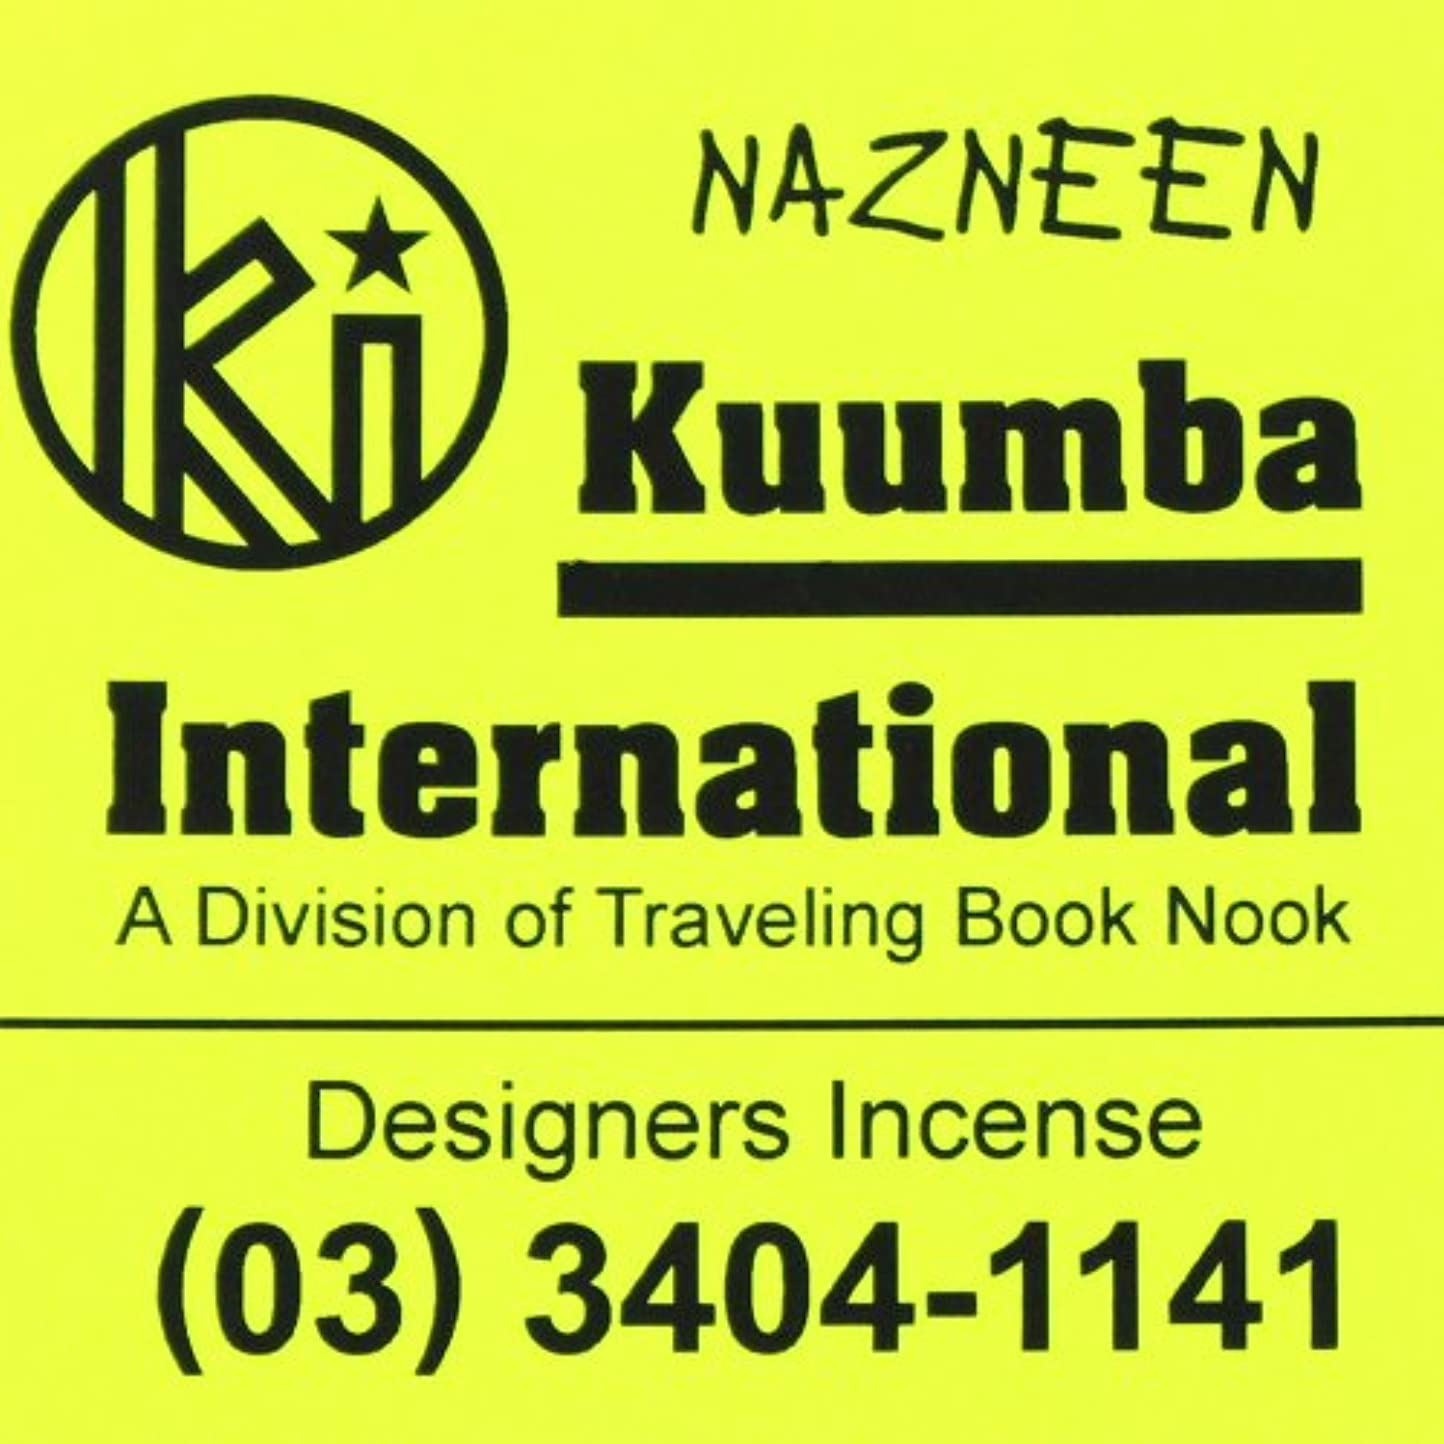 神秘的な魔術せがむ(クンバ) KUUMBA『classic regular incense』(NAZNEEN) (Regular size)